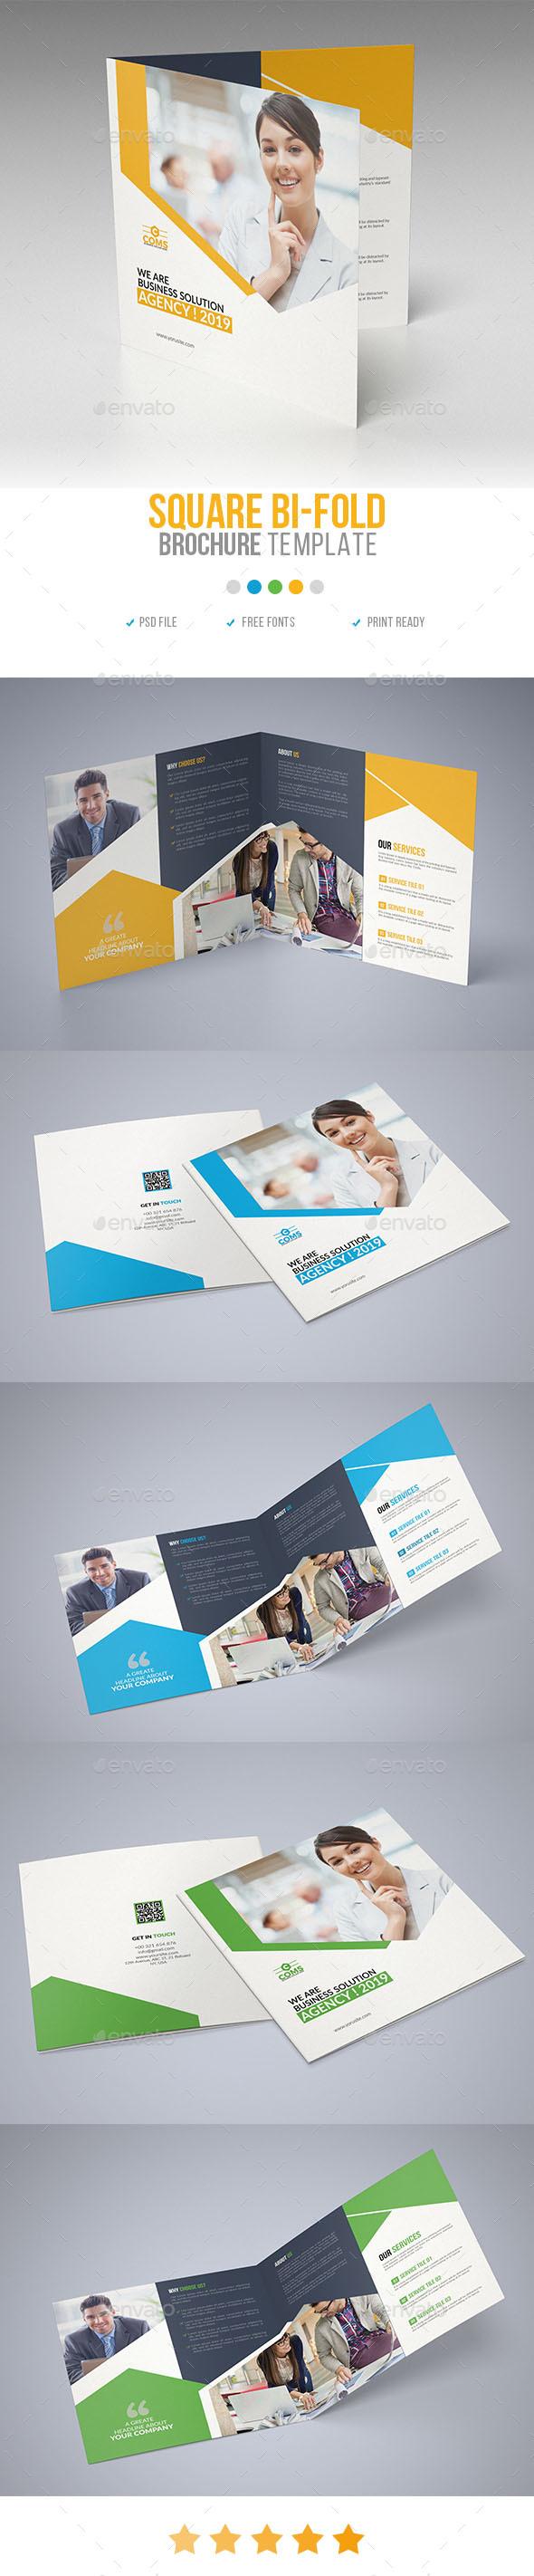 Corporate Square Bi Fold Brochure 04 - Corporate Brochures